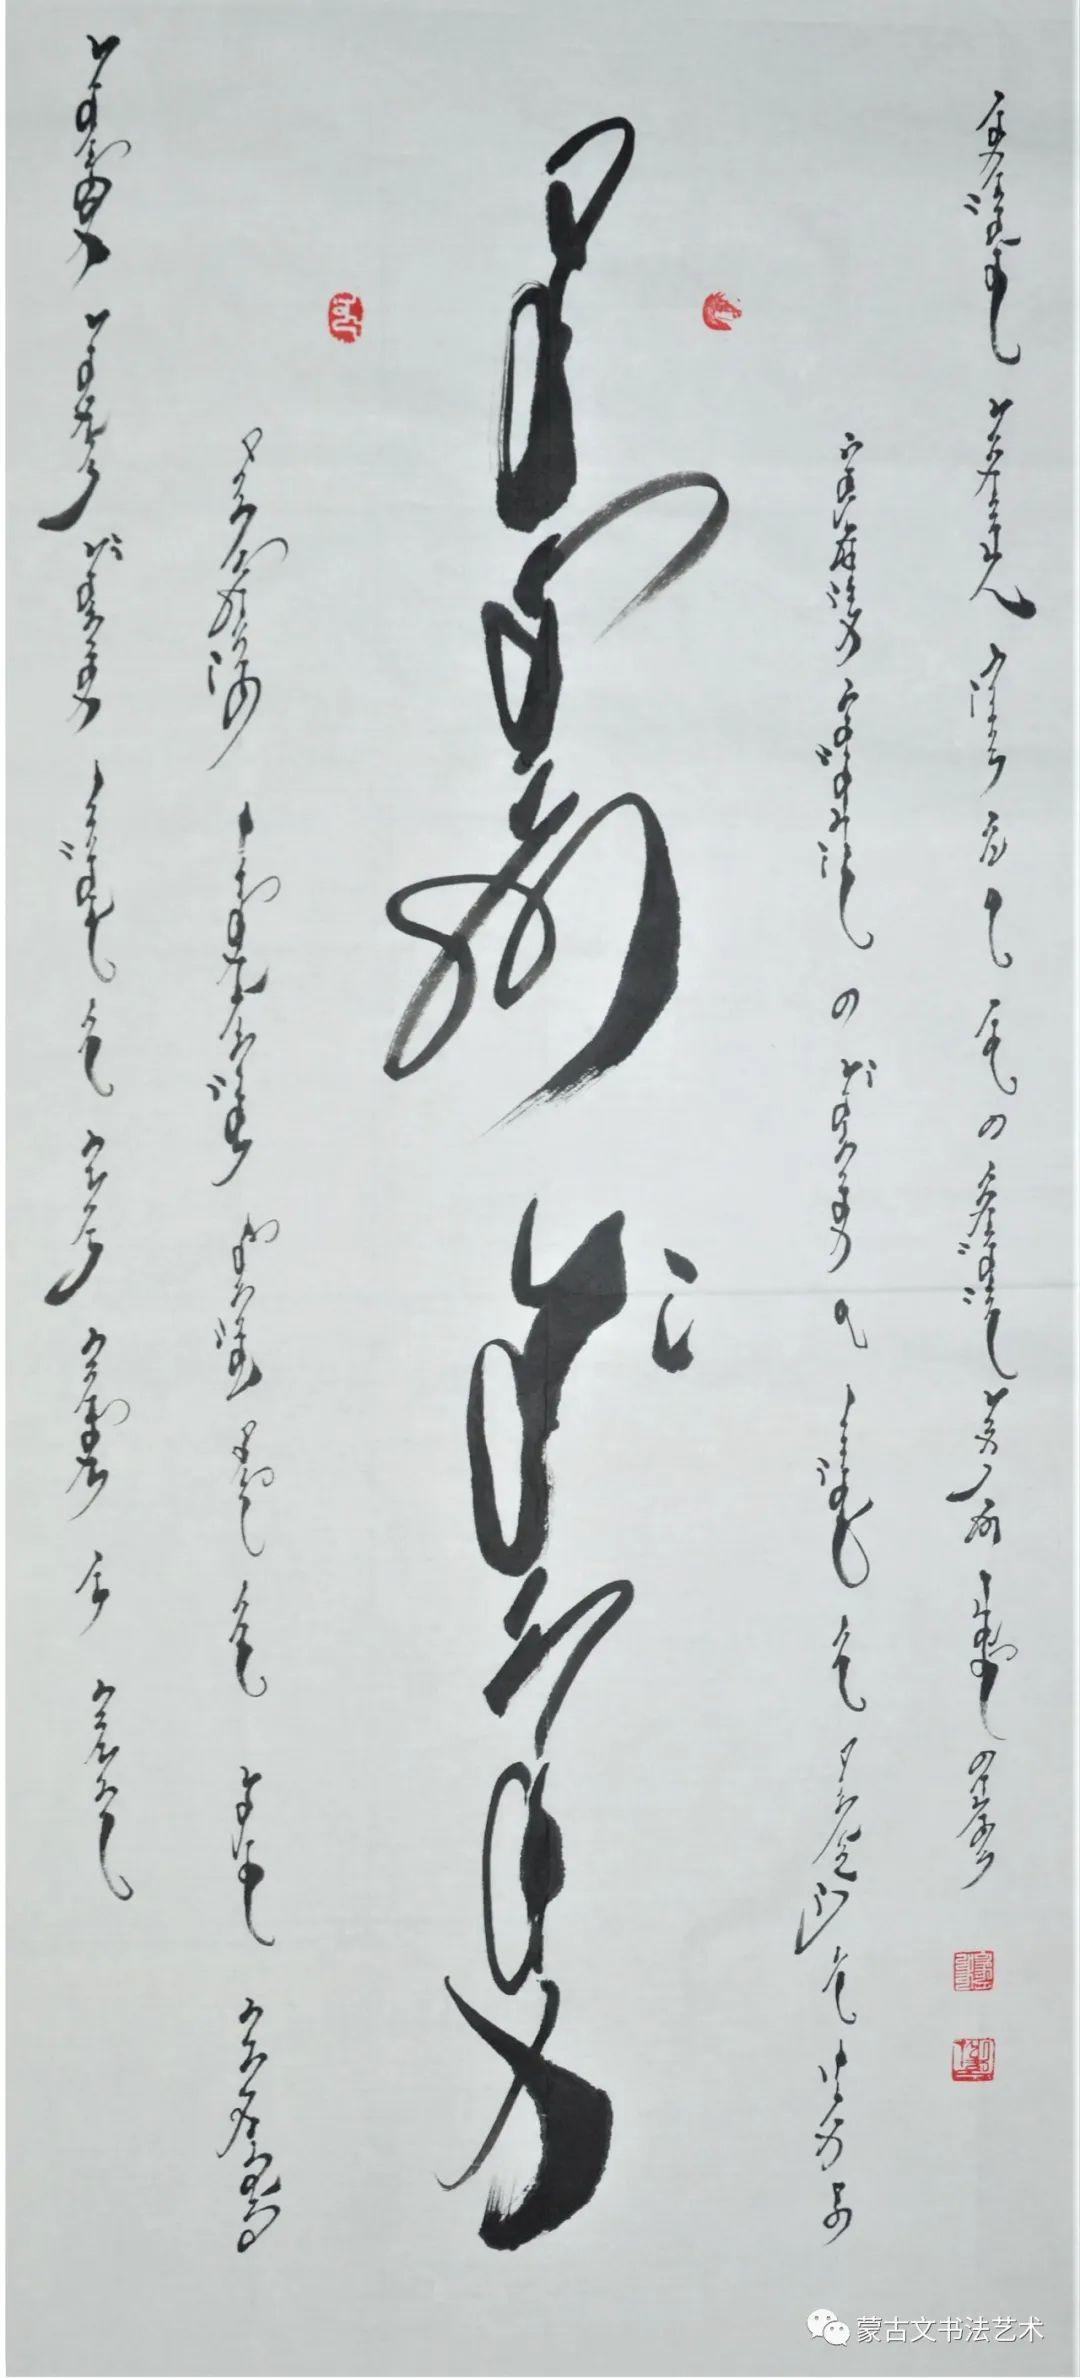 朝鲁门蒙古文书法 第9张